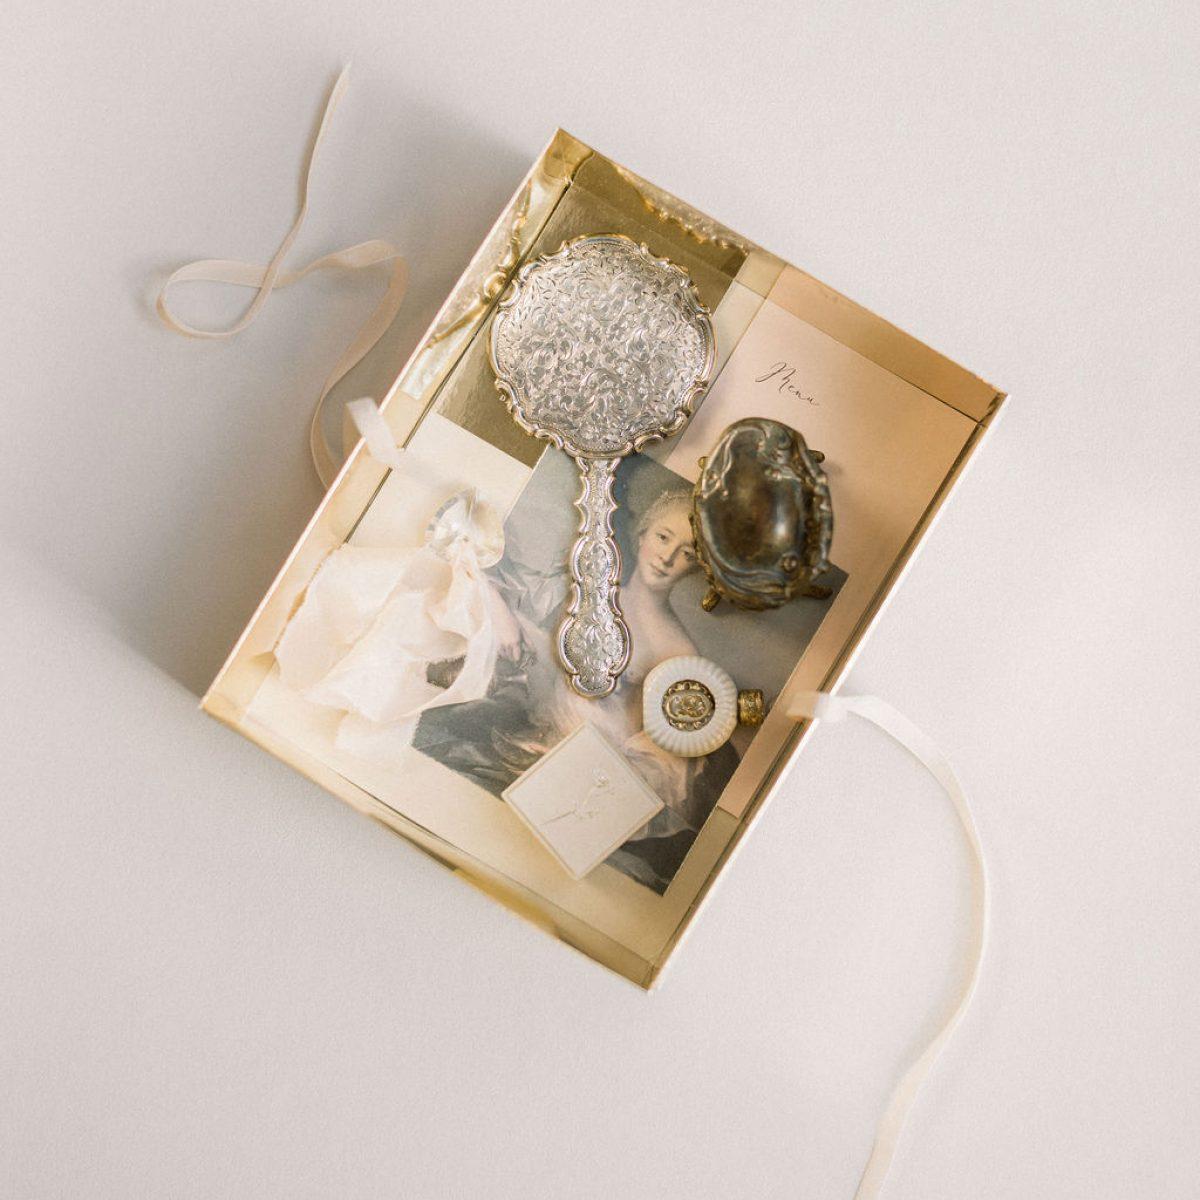 sweet-chic-jak-naplanovat-svatbu-styling-box